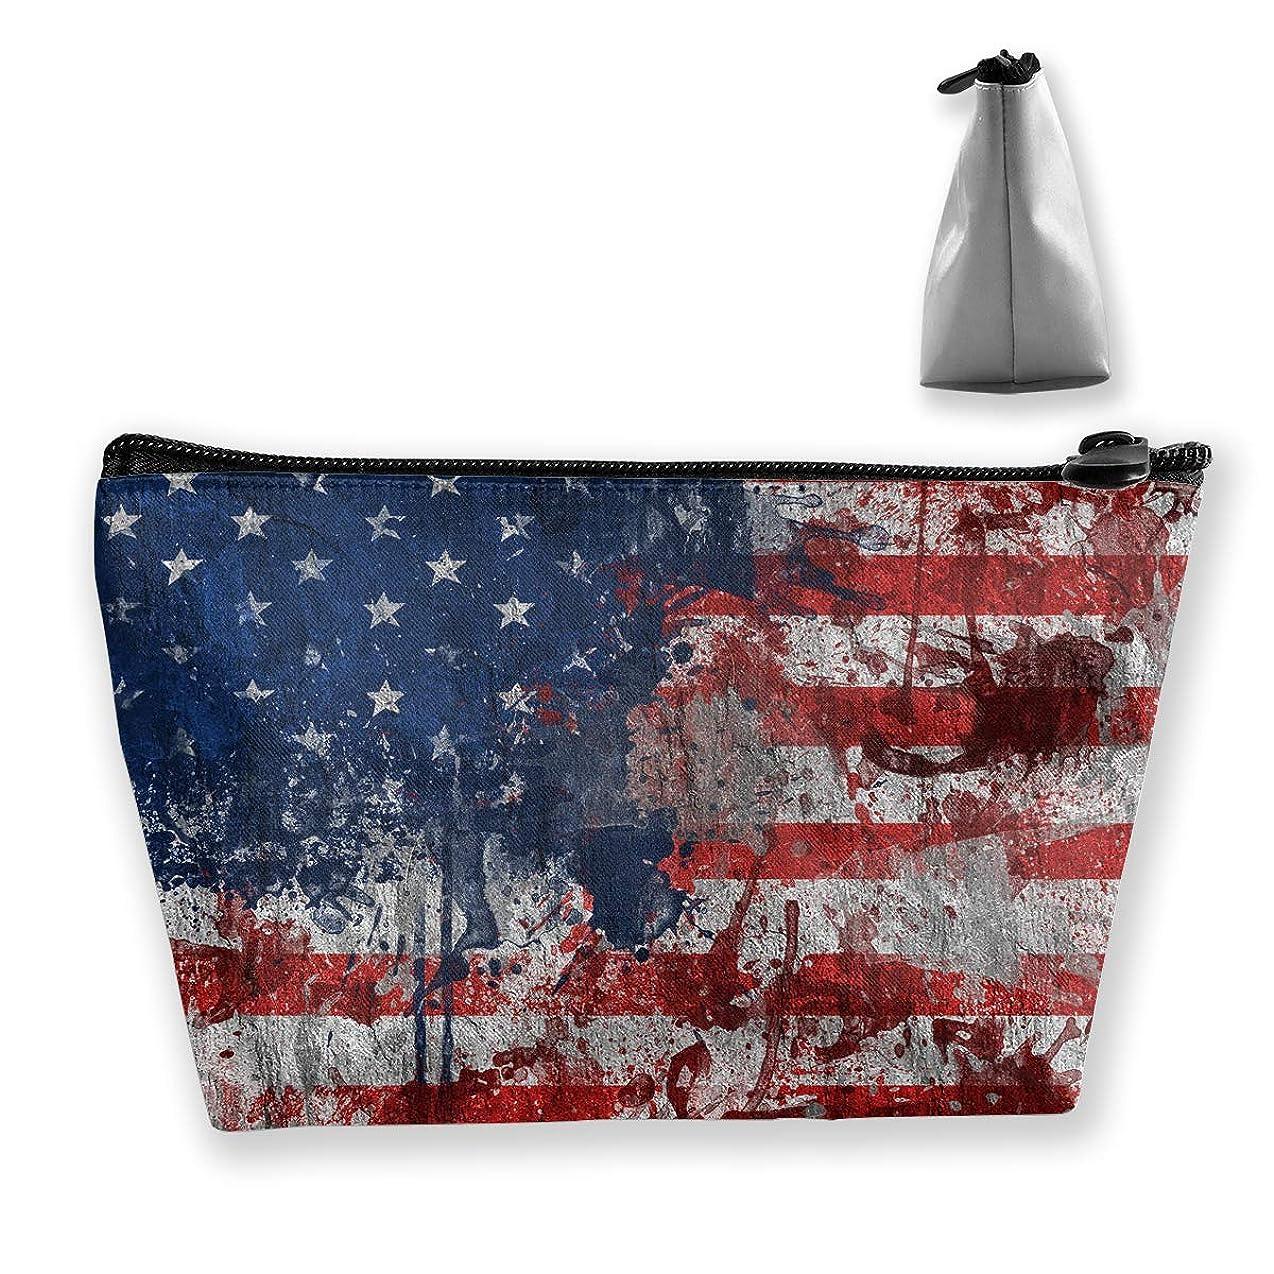 セクタ出くわす無数の台形 レディース 化粧ポーチ トラベルポーチ 旅行 ハンドバッグ 米国の国旗 コスメ メイクポーチ コイン 鍵 小物入れ 化粧品 収納ケース